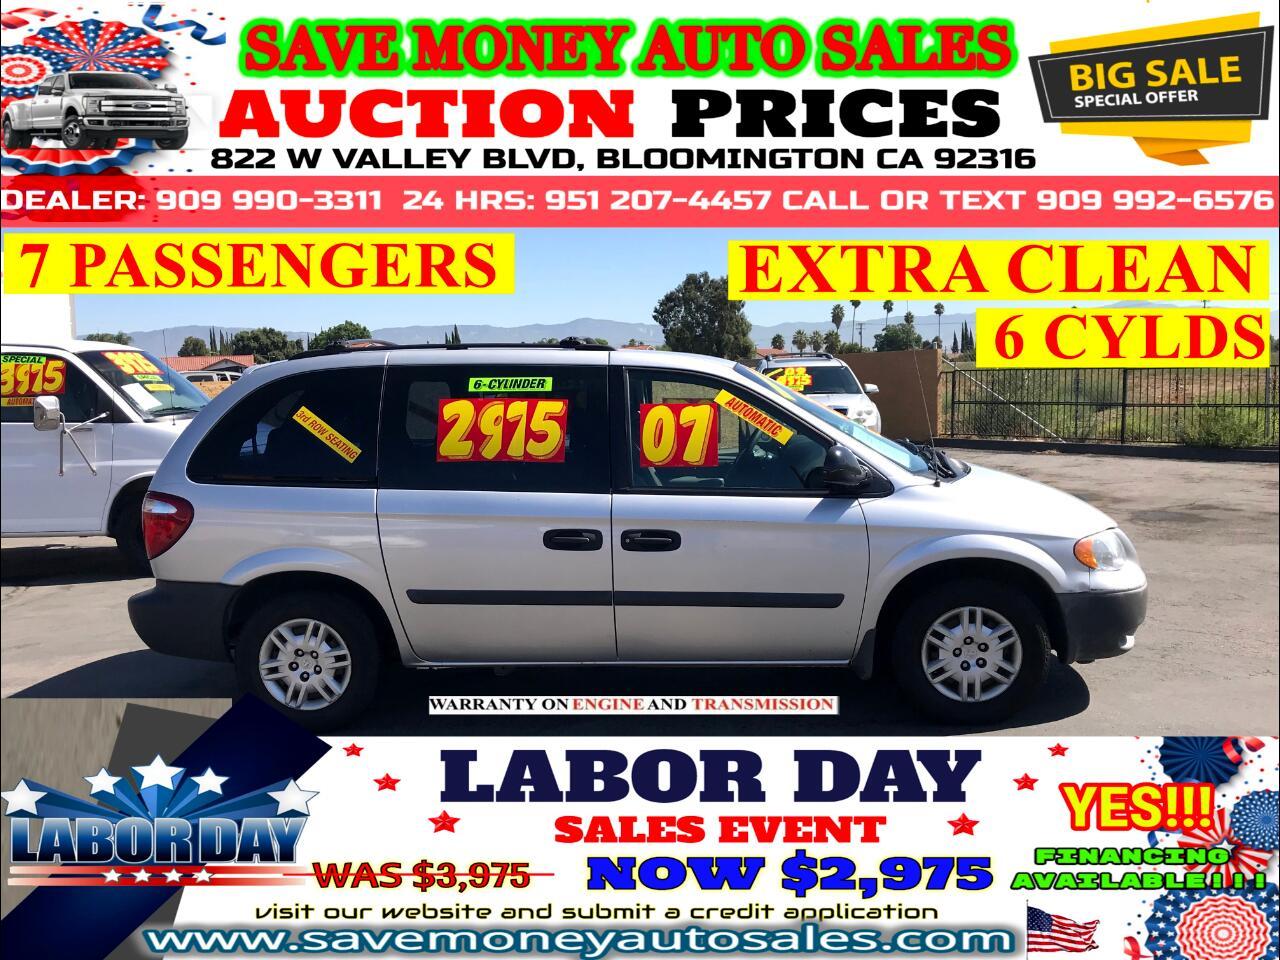 2007 Dodge Caravan 7 PASSENGERS> EXTRA CLEAN> 6 CYLDS